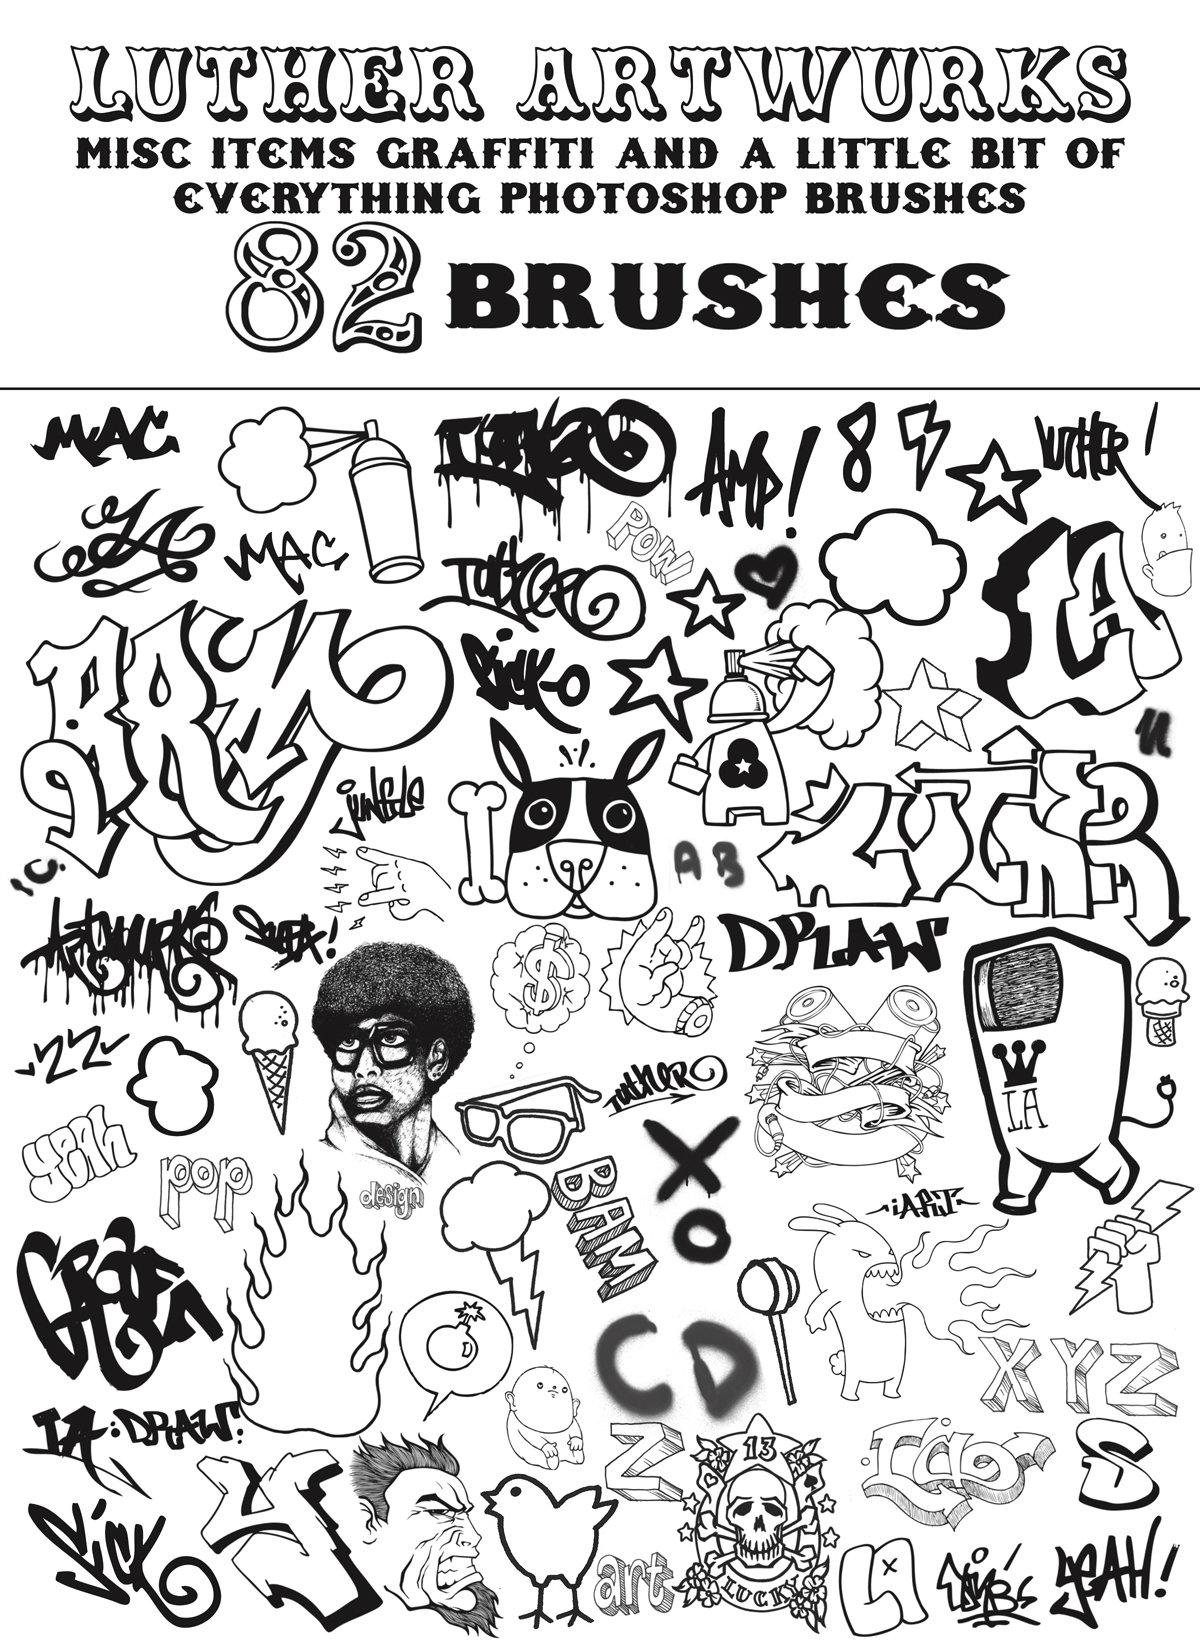 街头涂鸦元素笔刷素材 - 爱图网设计图片素材下载